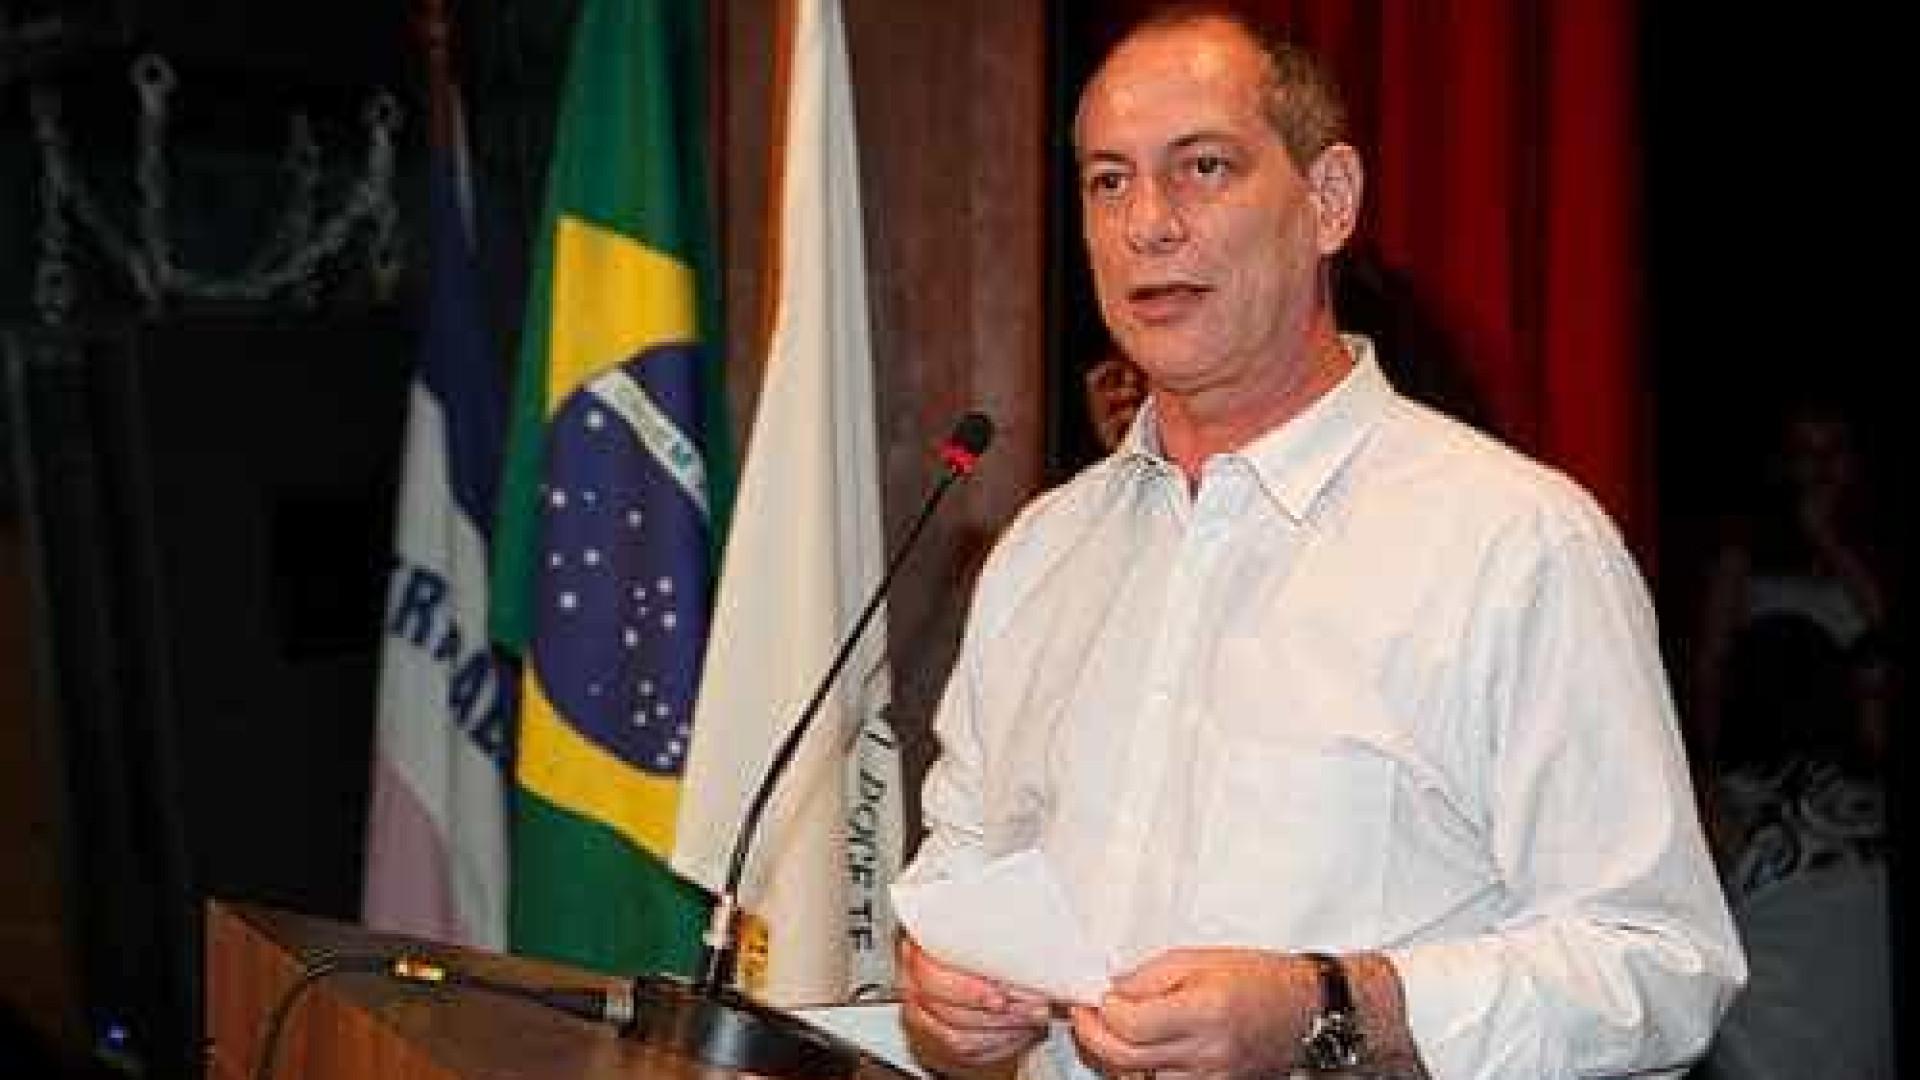 Esquerdalança manifesto 'Unidade para reconstruir o Brasil'